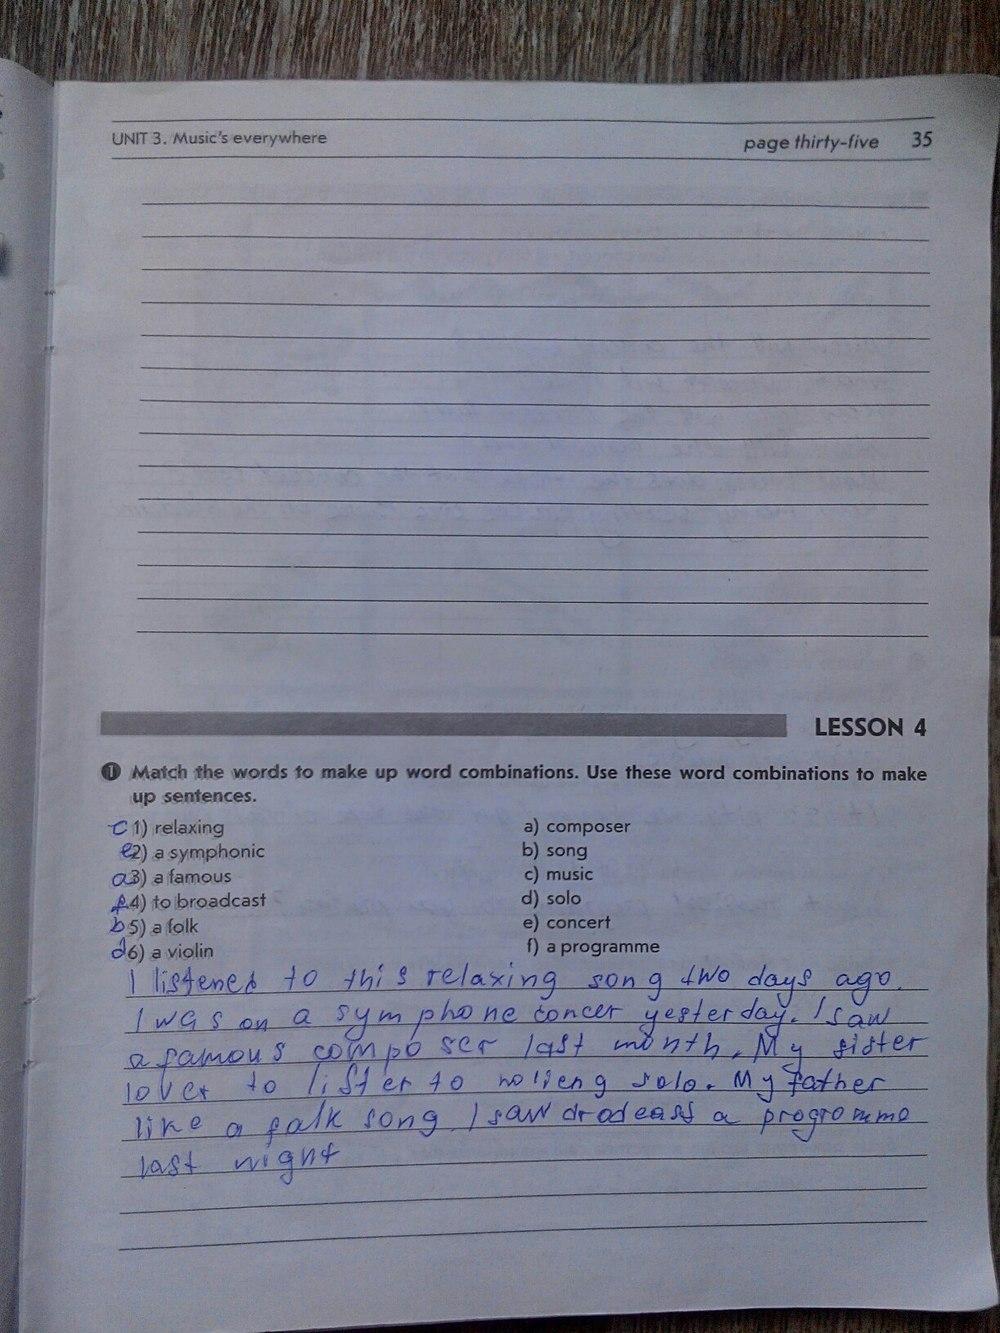 ГДЗ відповіді робочий зошит по английскому языку 8 класс О.М. Павліченко. Задание: стр. 35